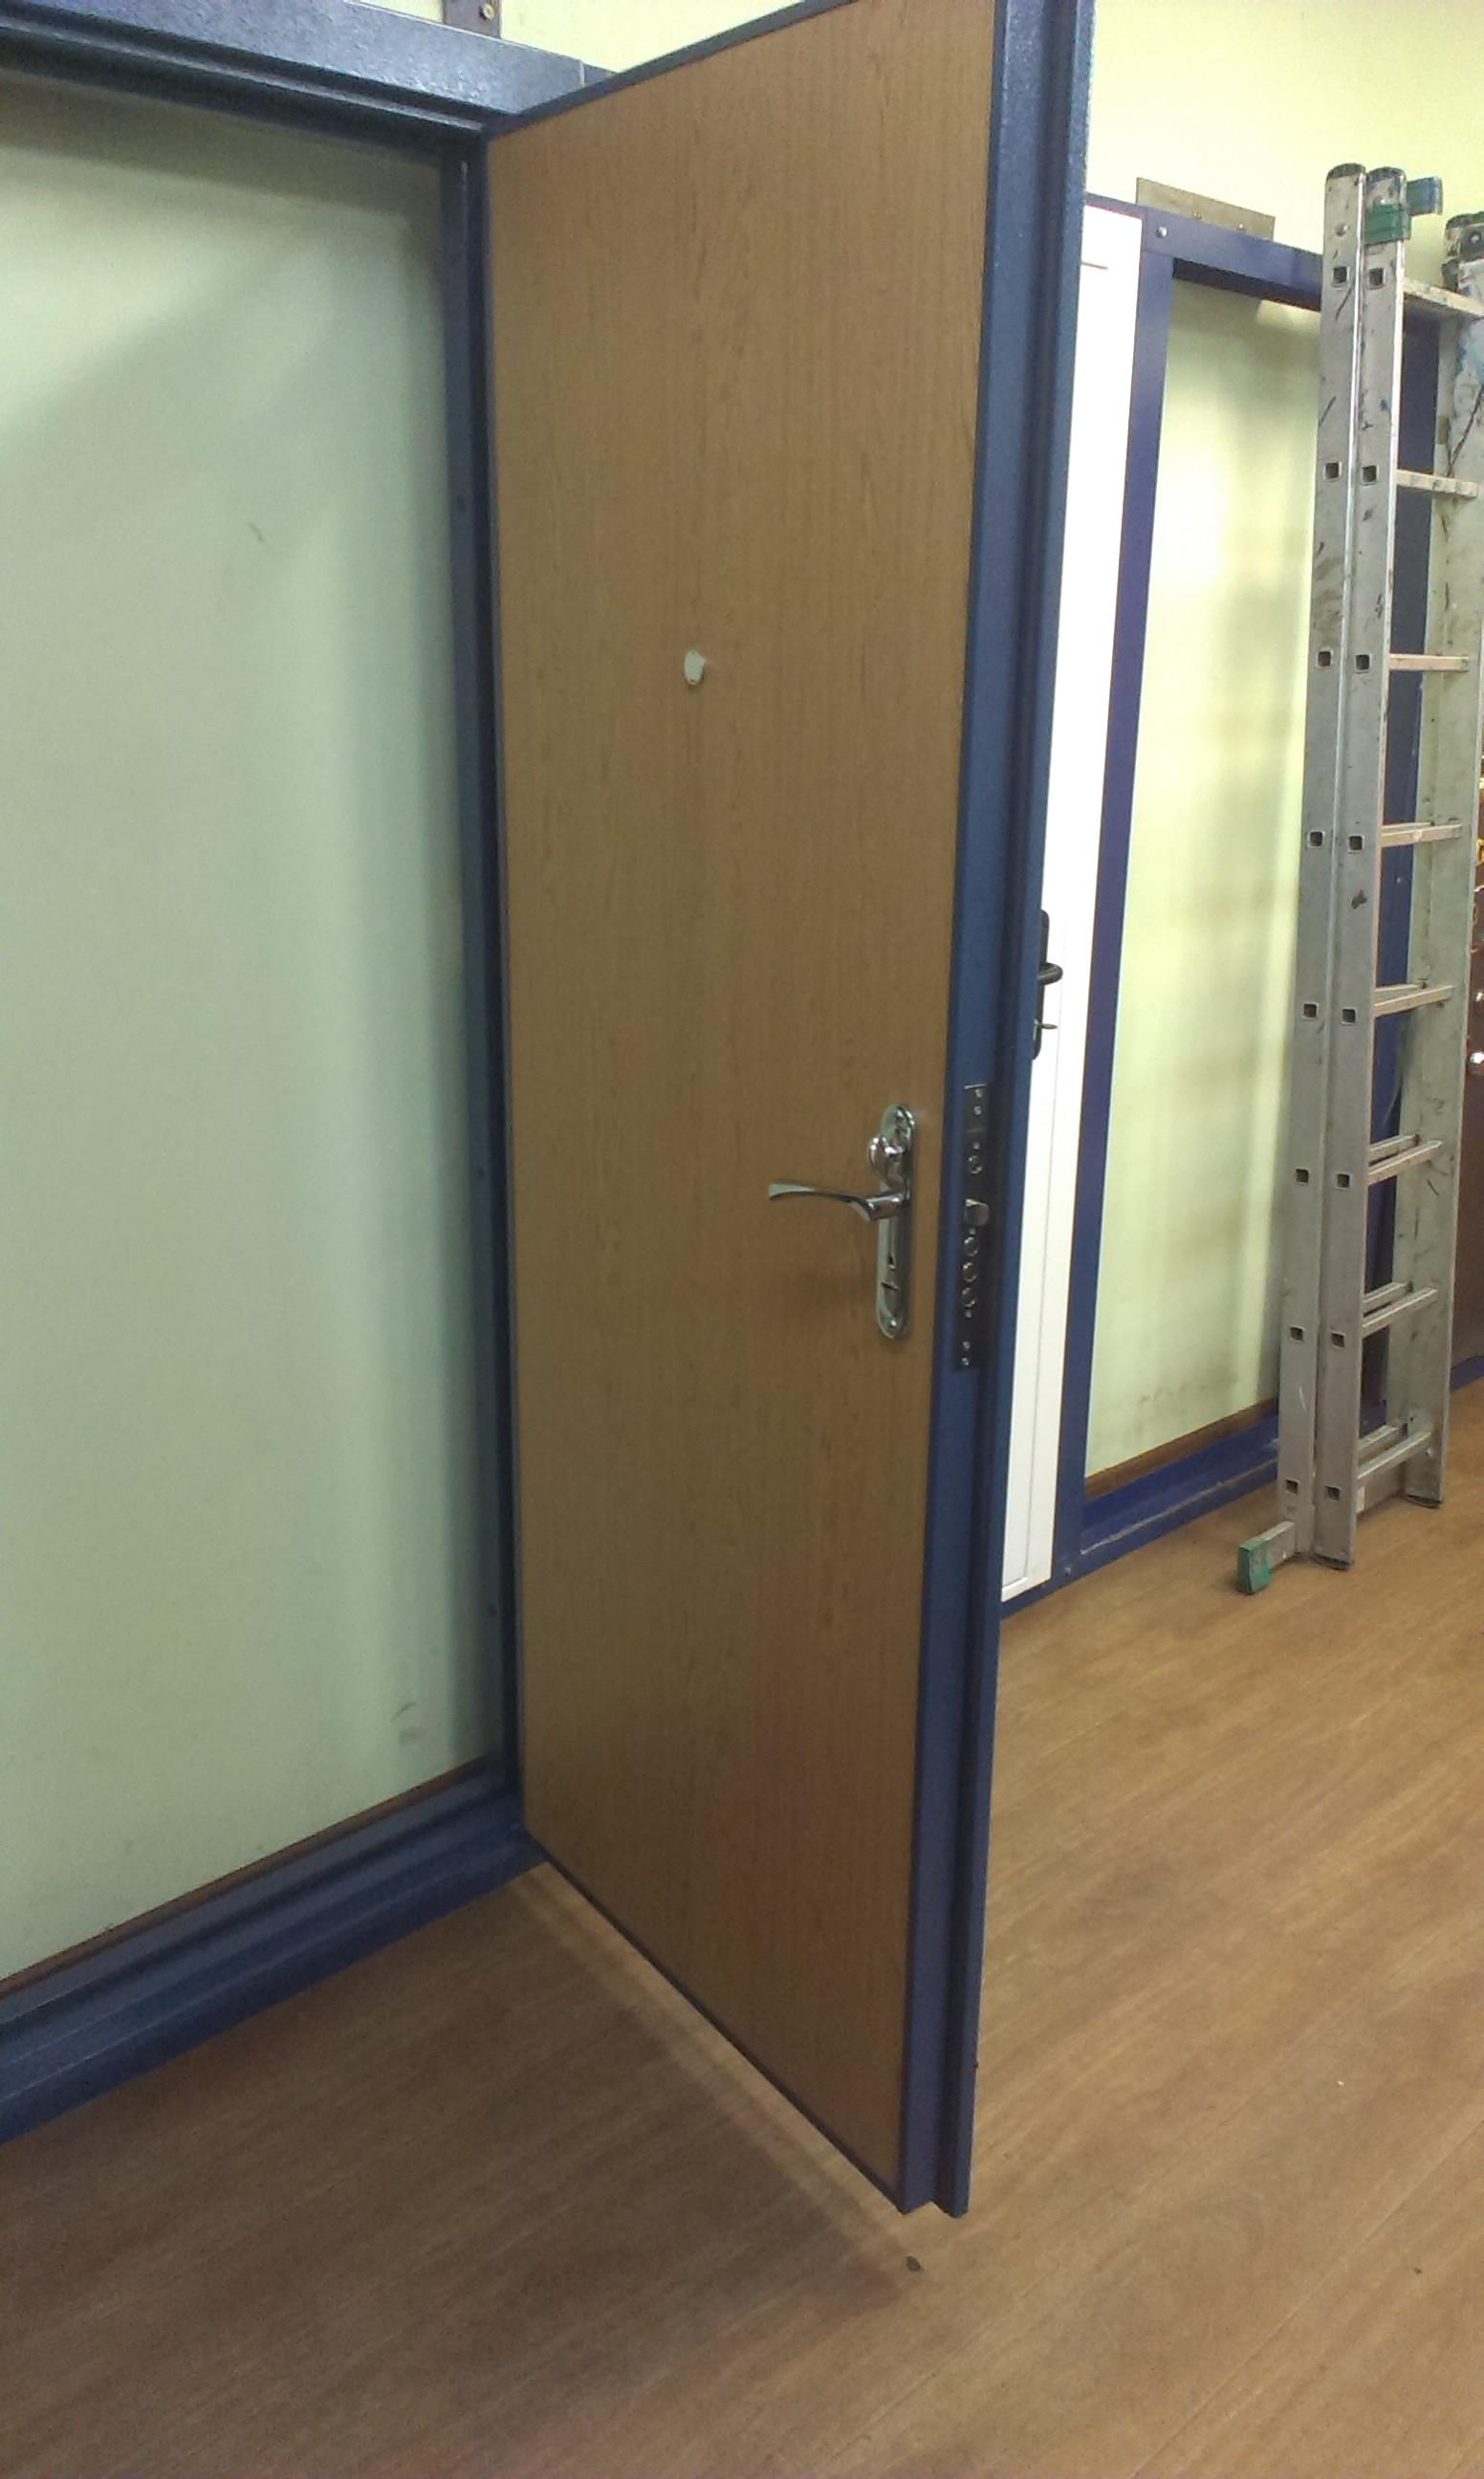 металлические двери эконом класса устанавливаемые на лестничных площадках